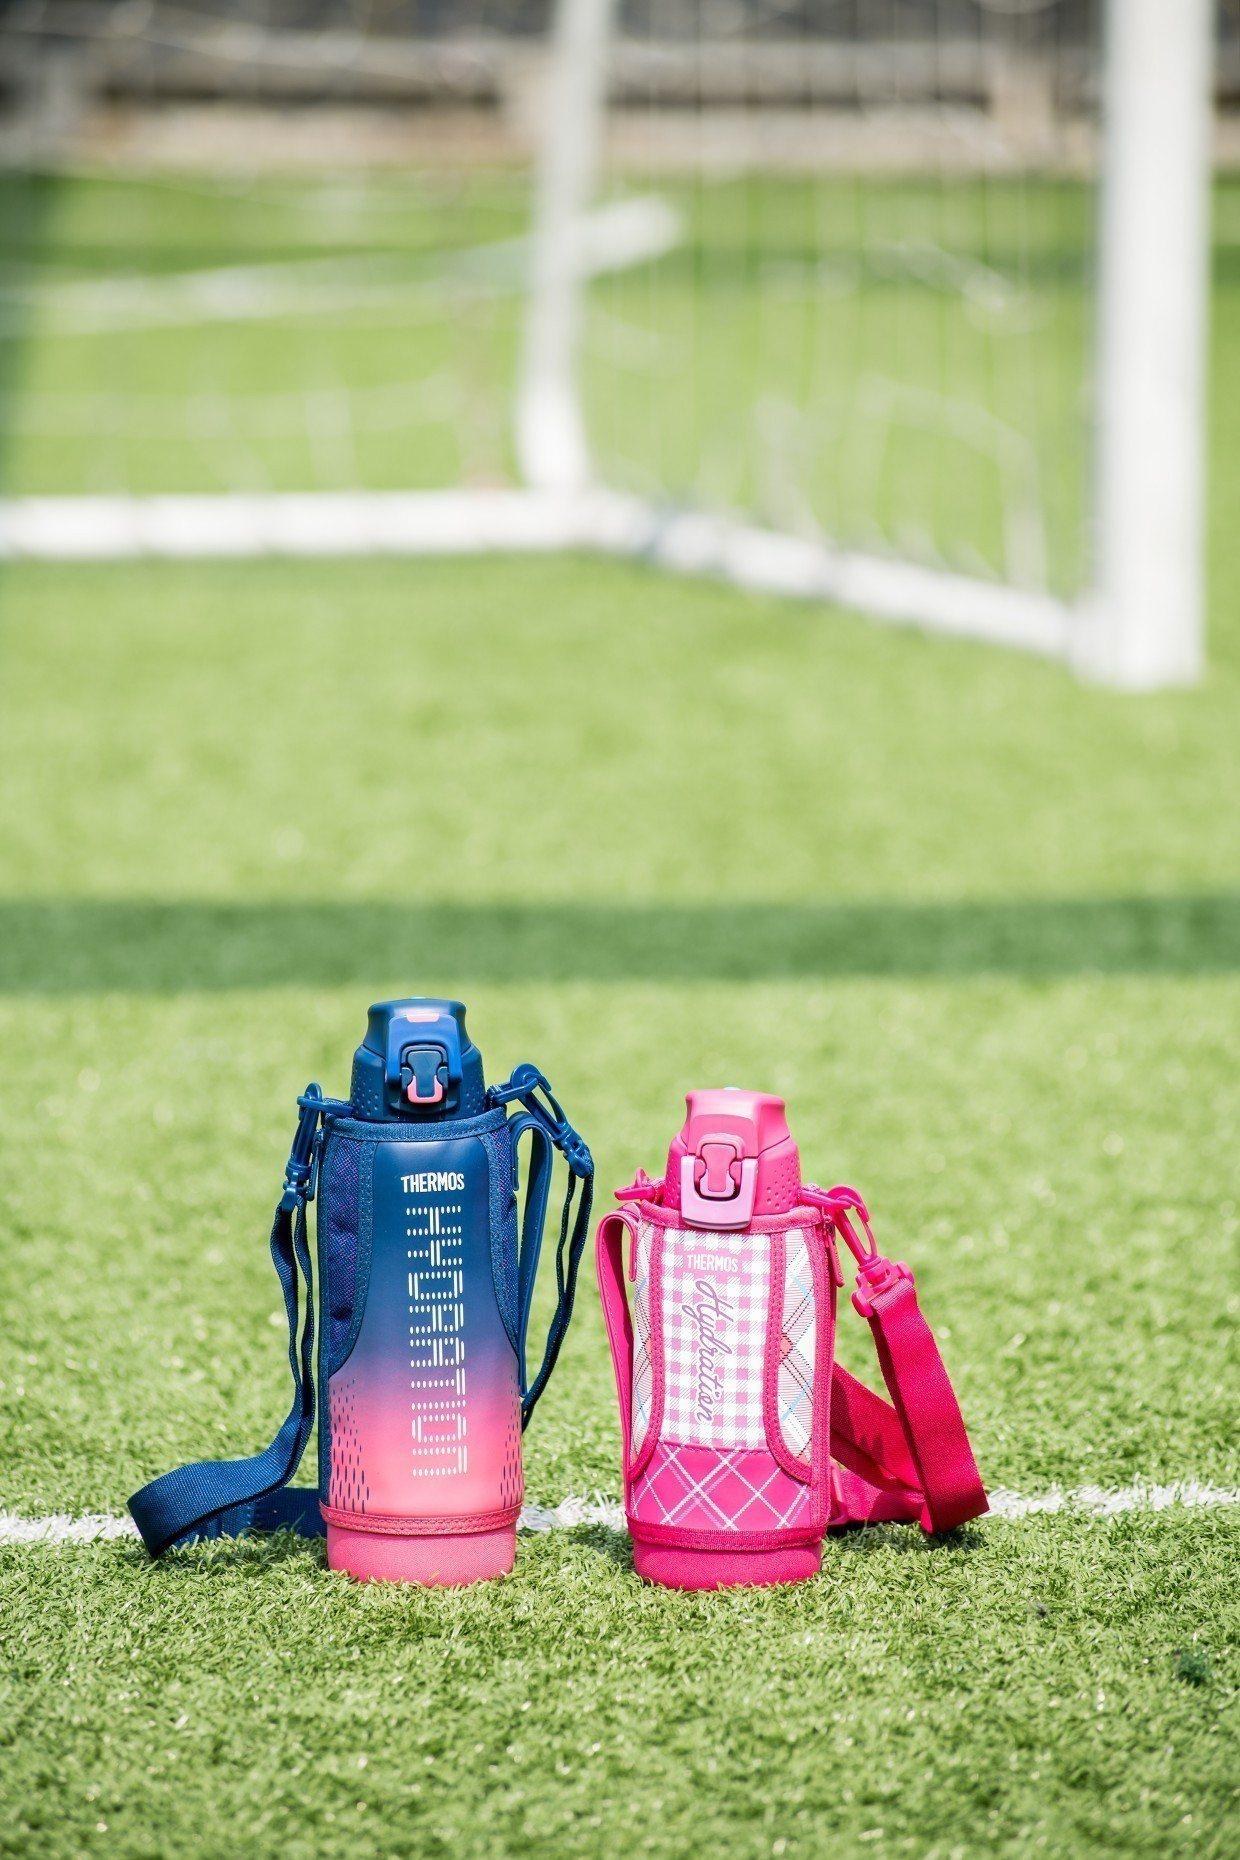 THERMOS膳魔師冰炫瓶專為運動族群設計,保冷能力強,裝運動飲料也OK。圖/膳...